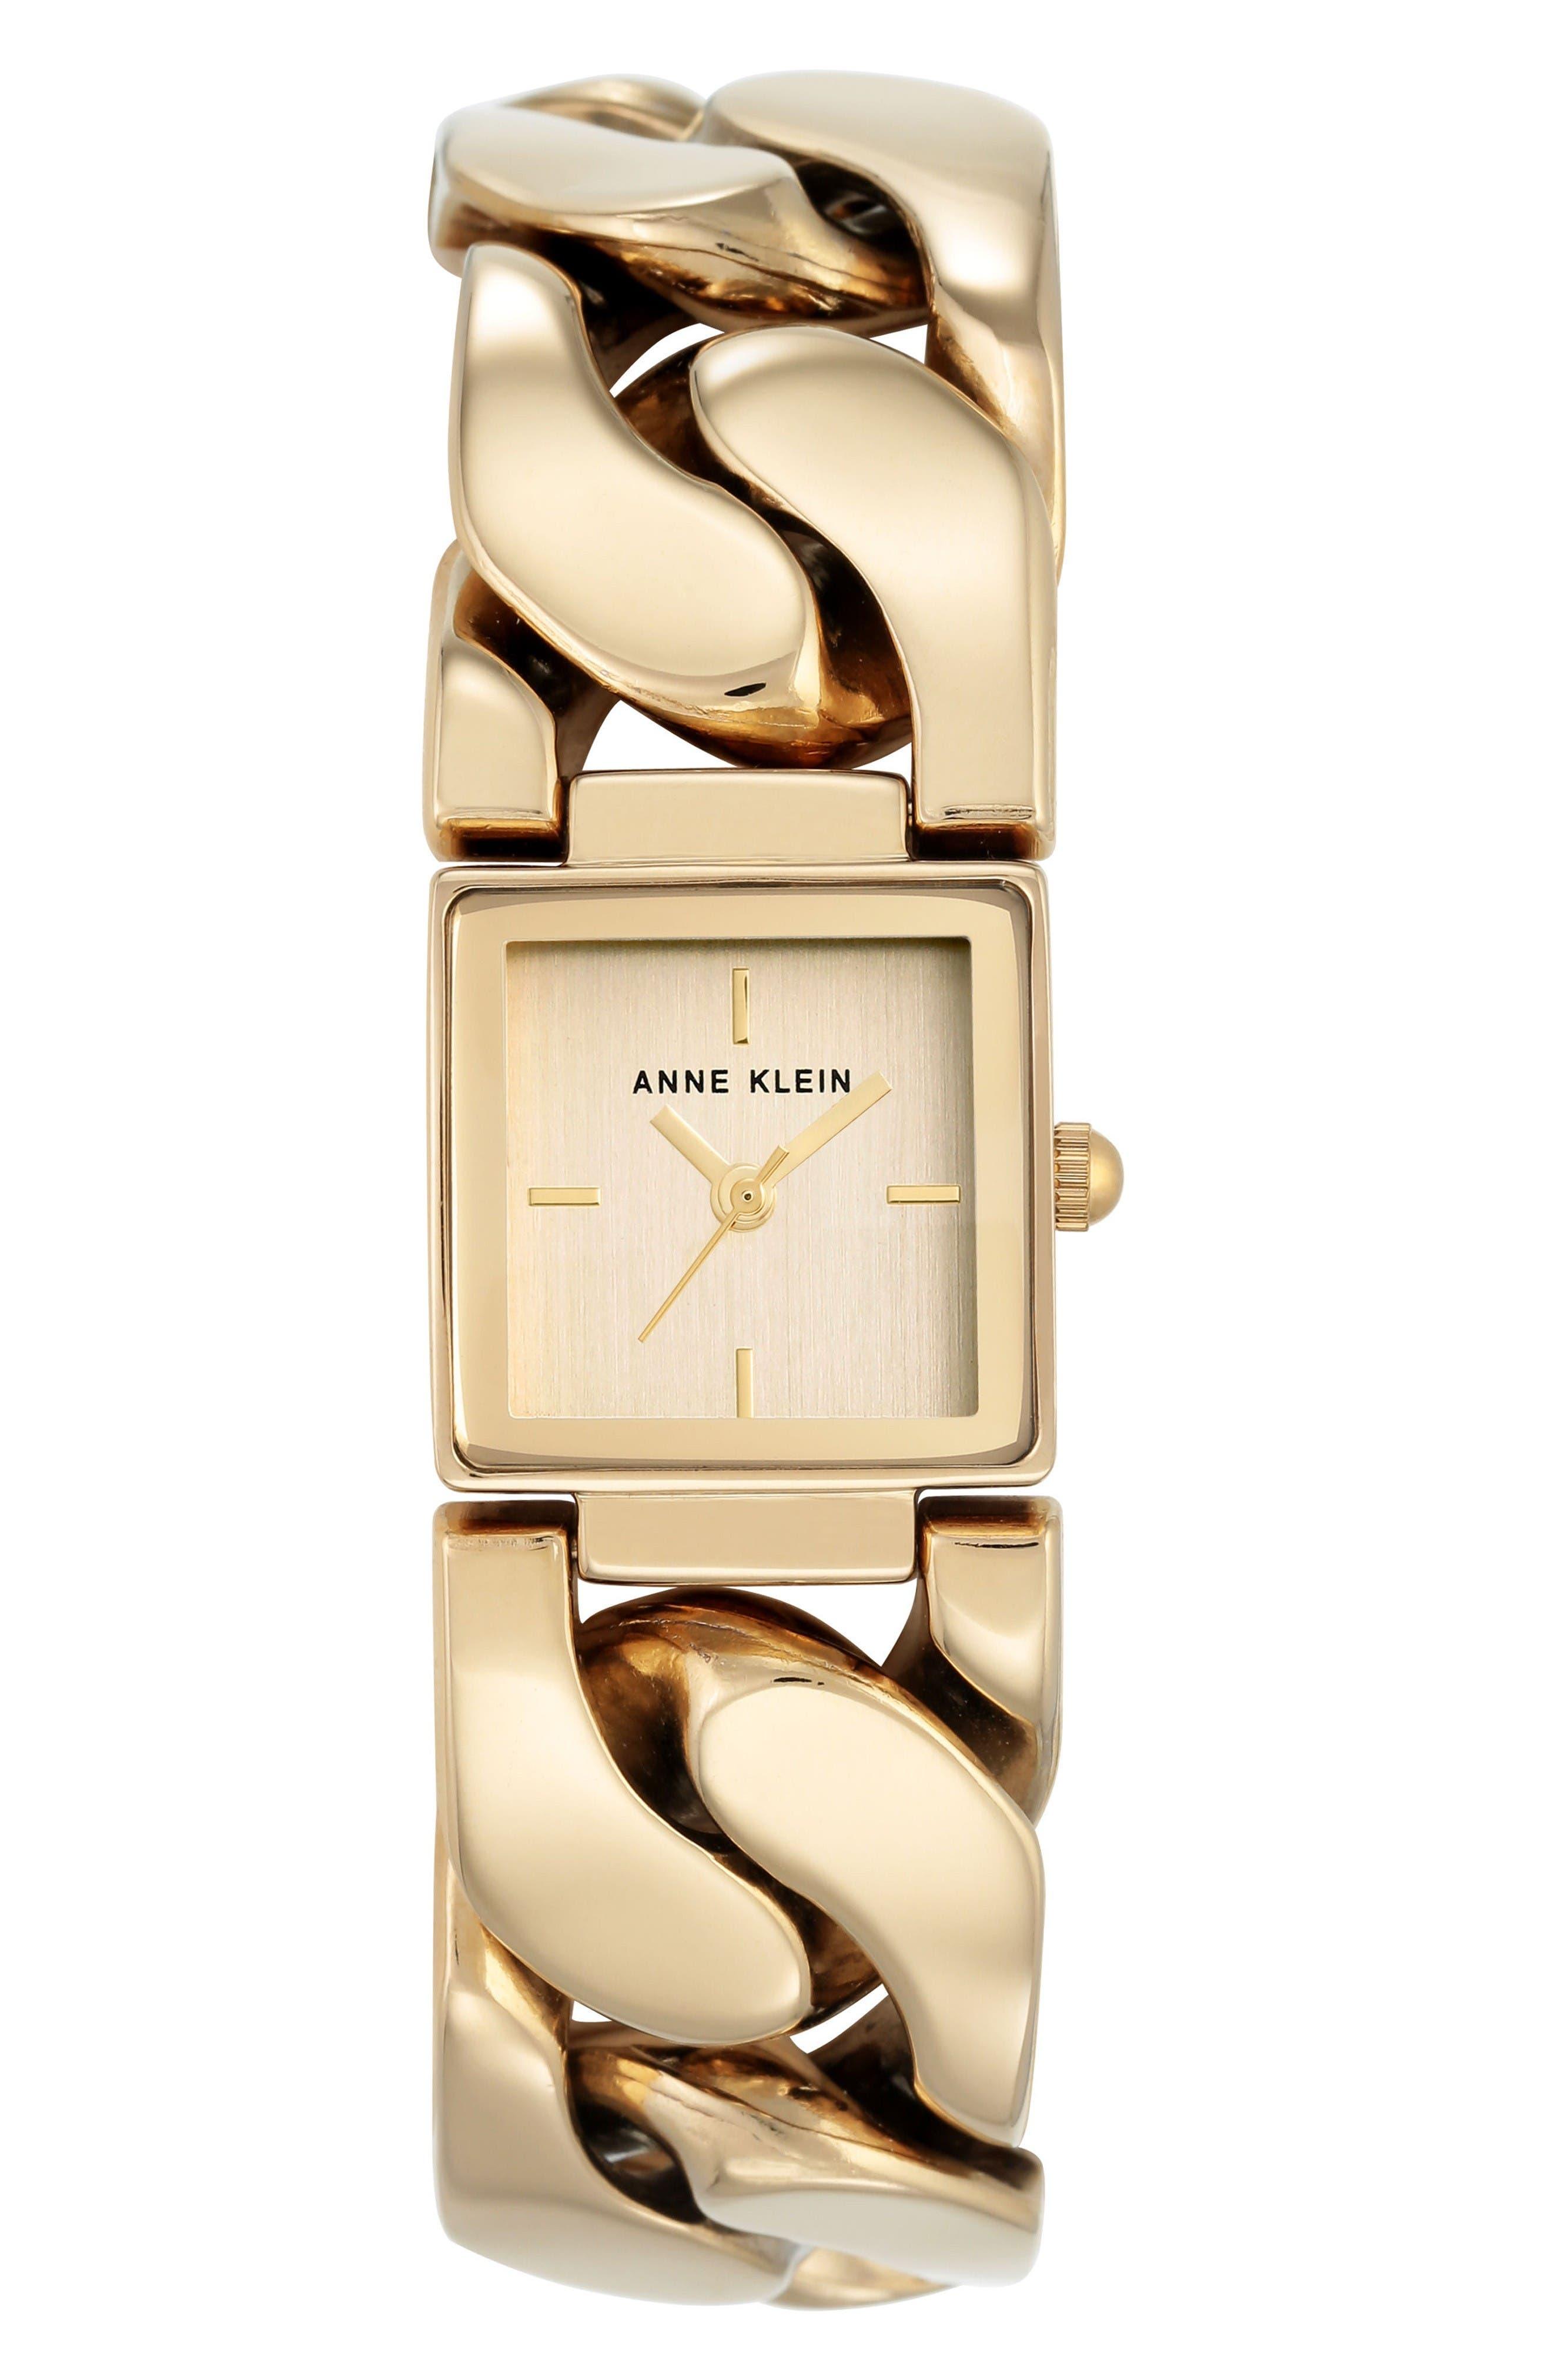 Anne Klein Bracelet Watch, 20.5mm